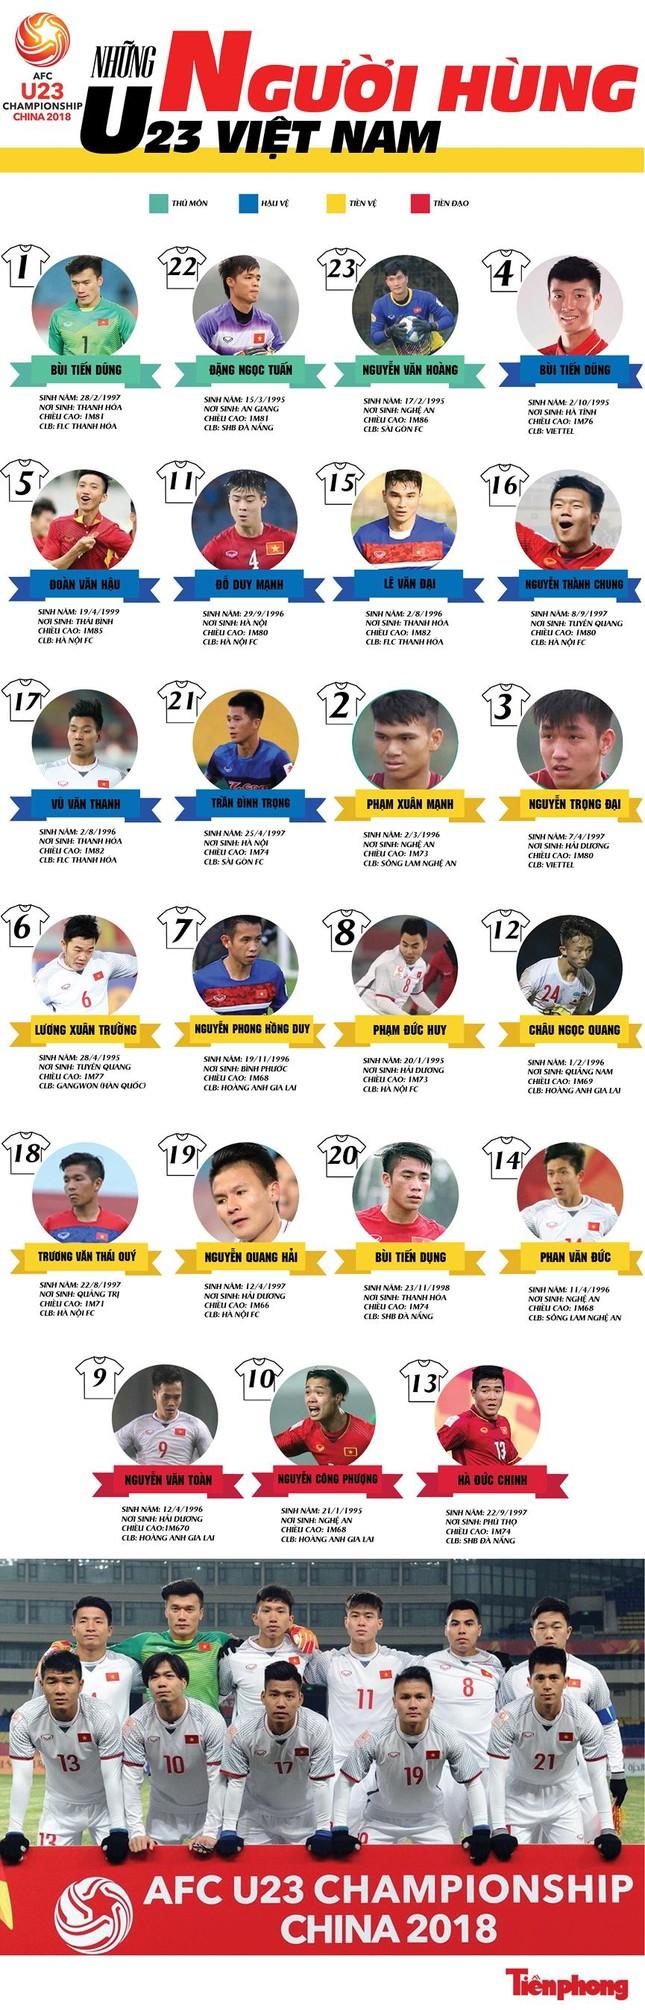 BẢN TIN ĐẶC BIỆT: Hát Quốc ca cùng đội tuyển U23 Việt Nam ảnh 28